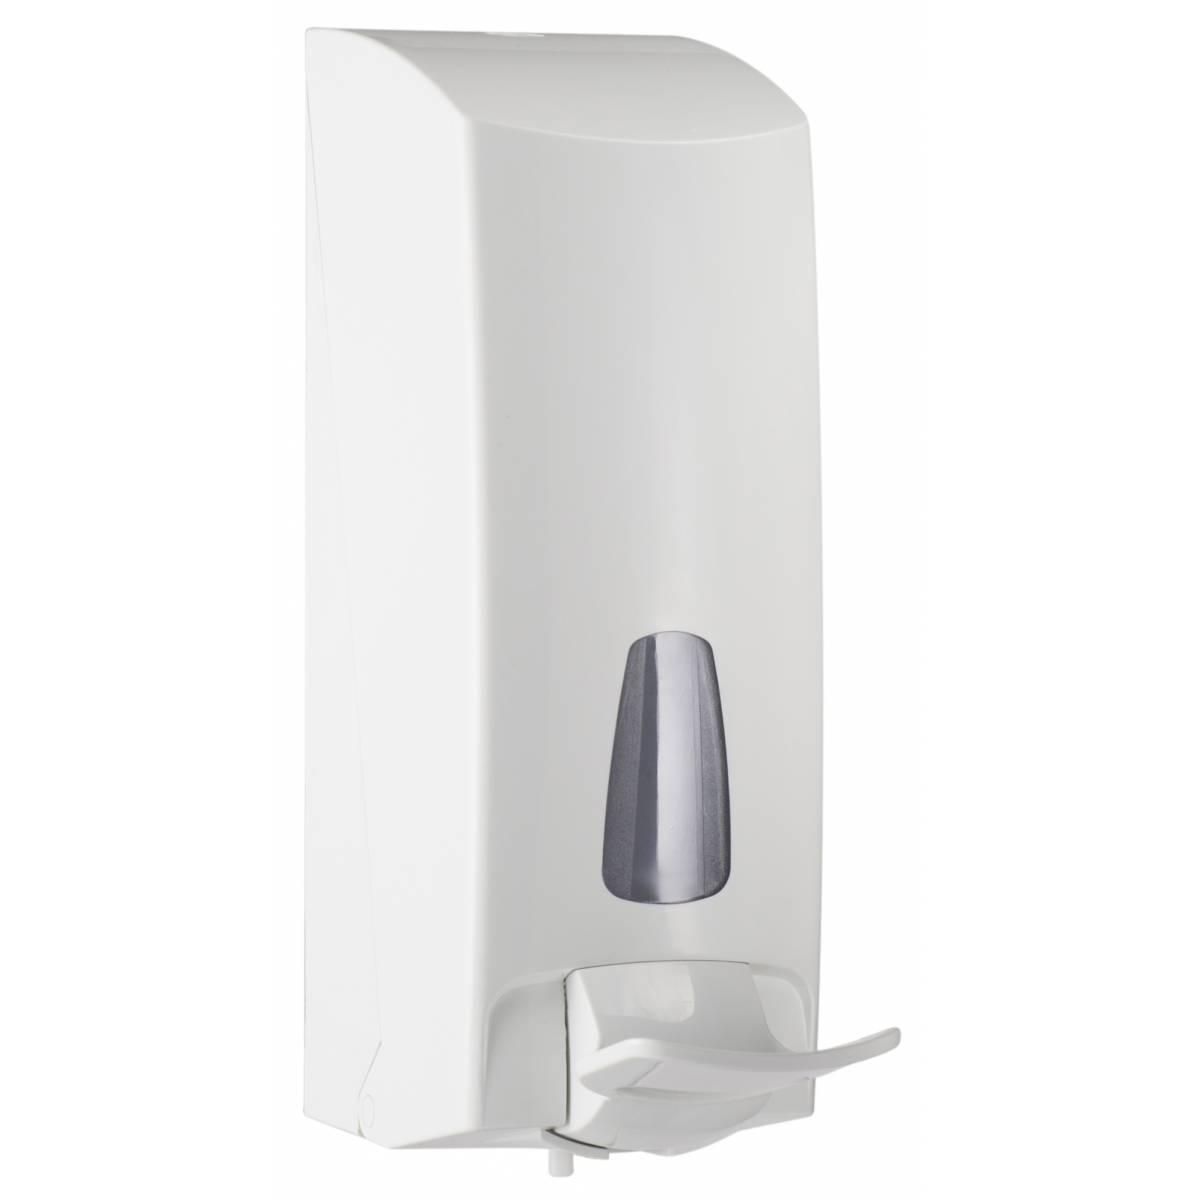 Дозатор жидкого мыла Mar Plast HOSPITAL (855) A85501 Mar Plast